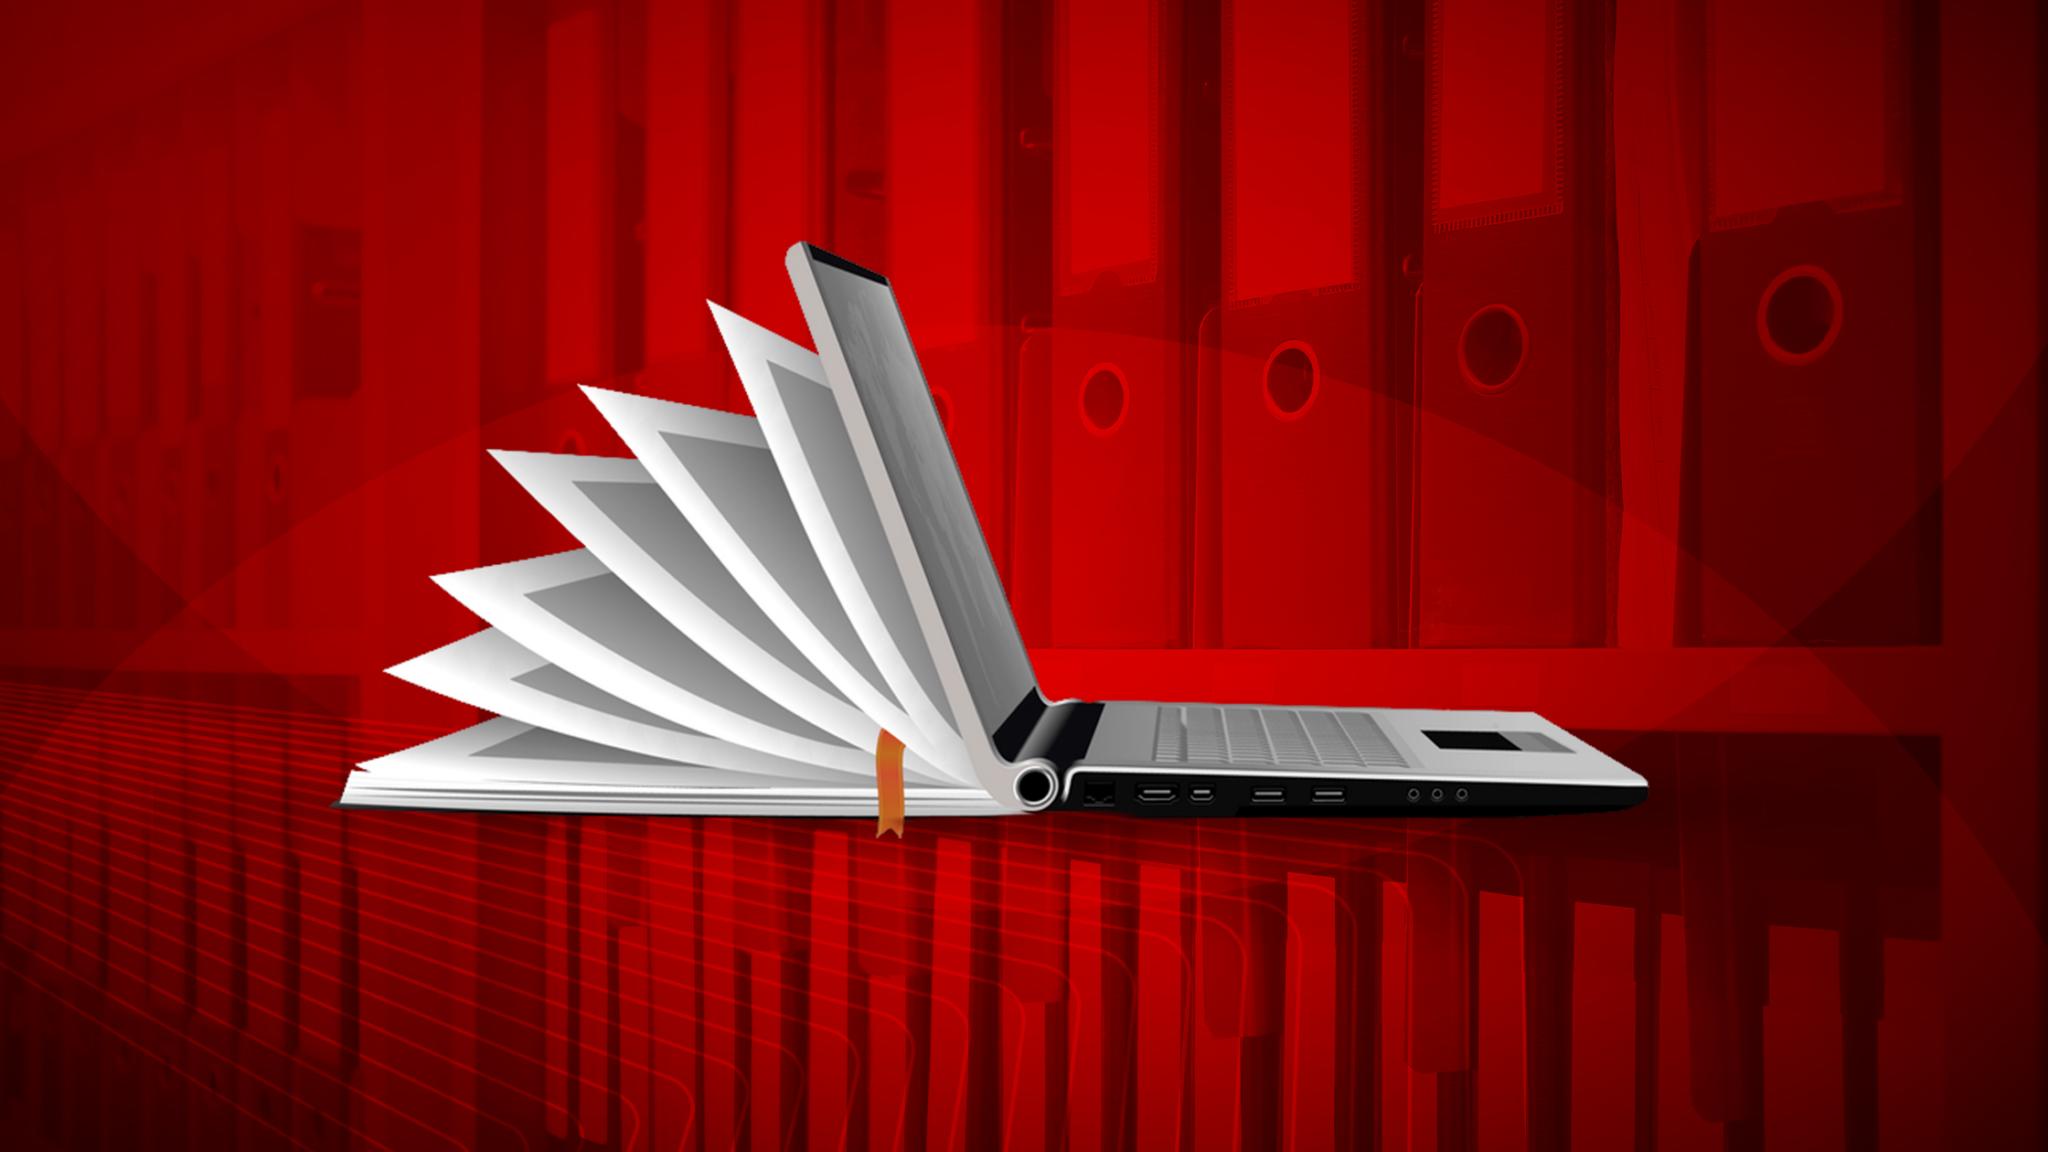 3 cuidados para digitalizar documentos com segurança